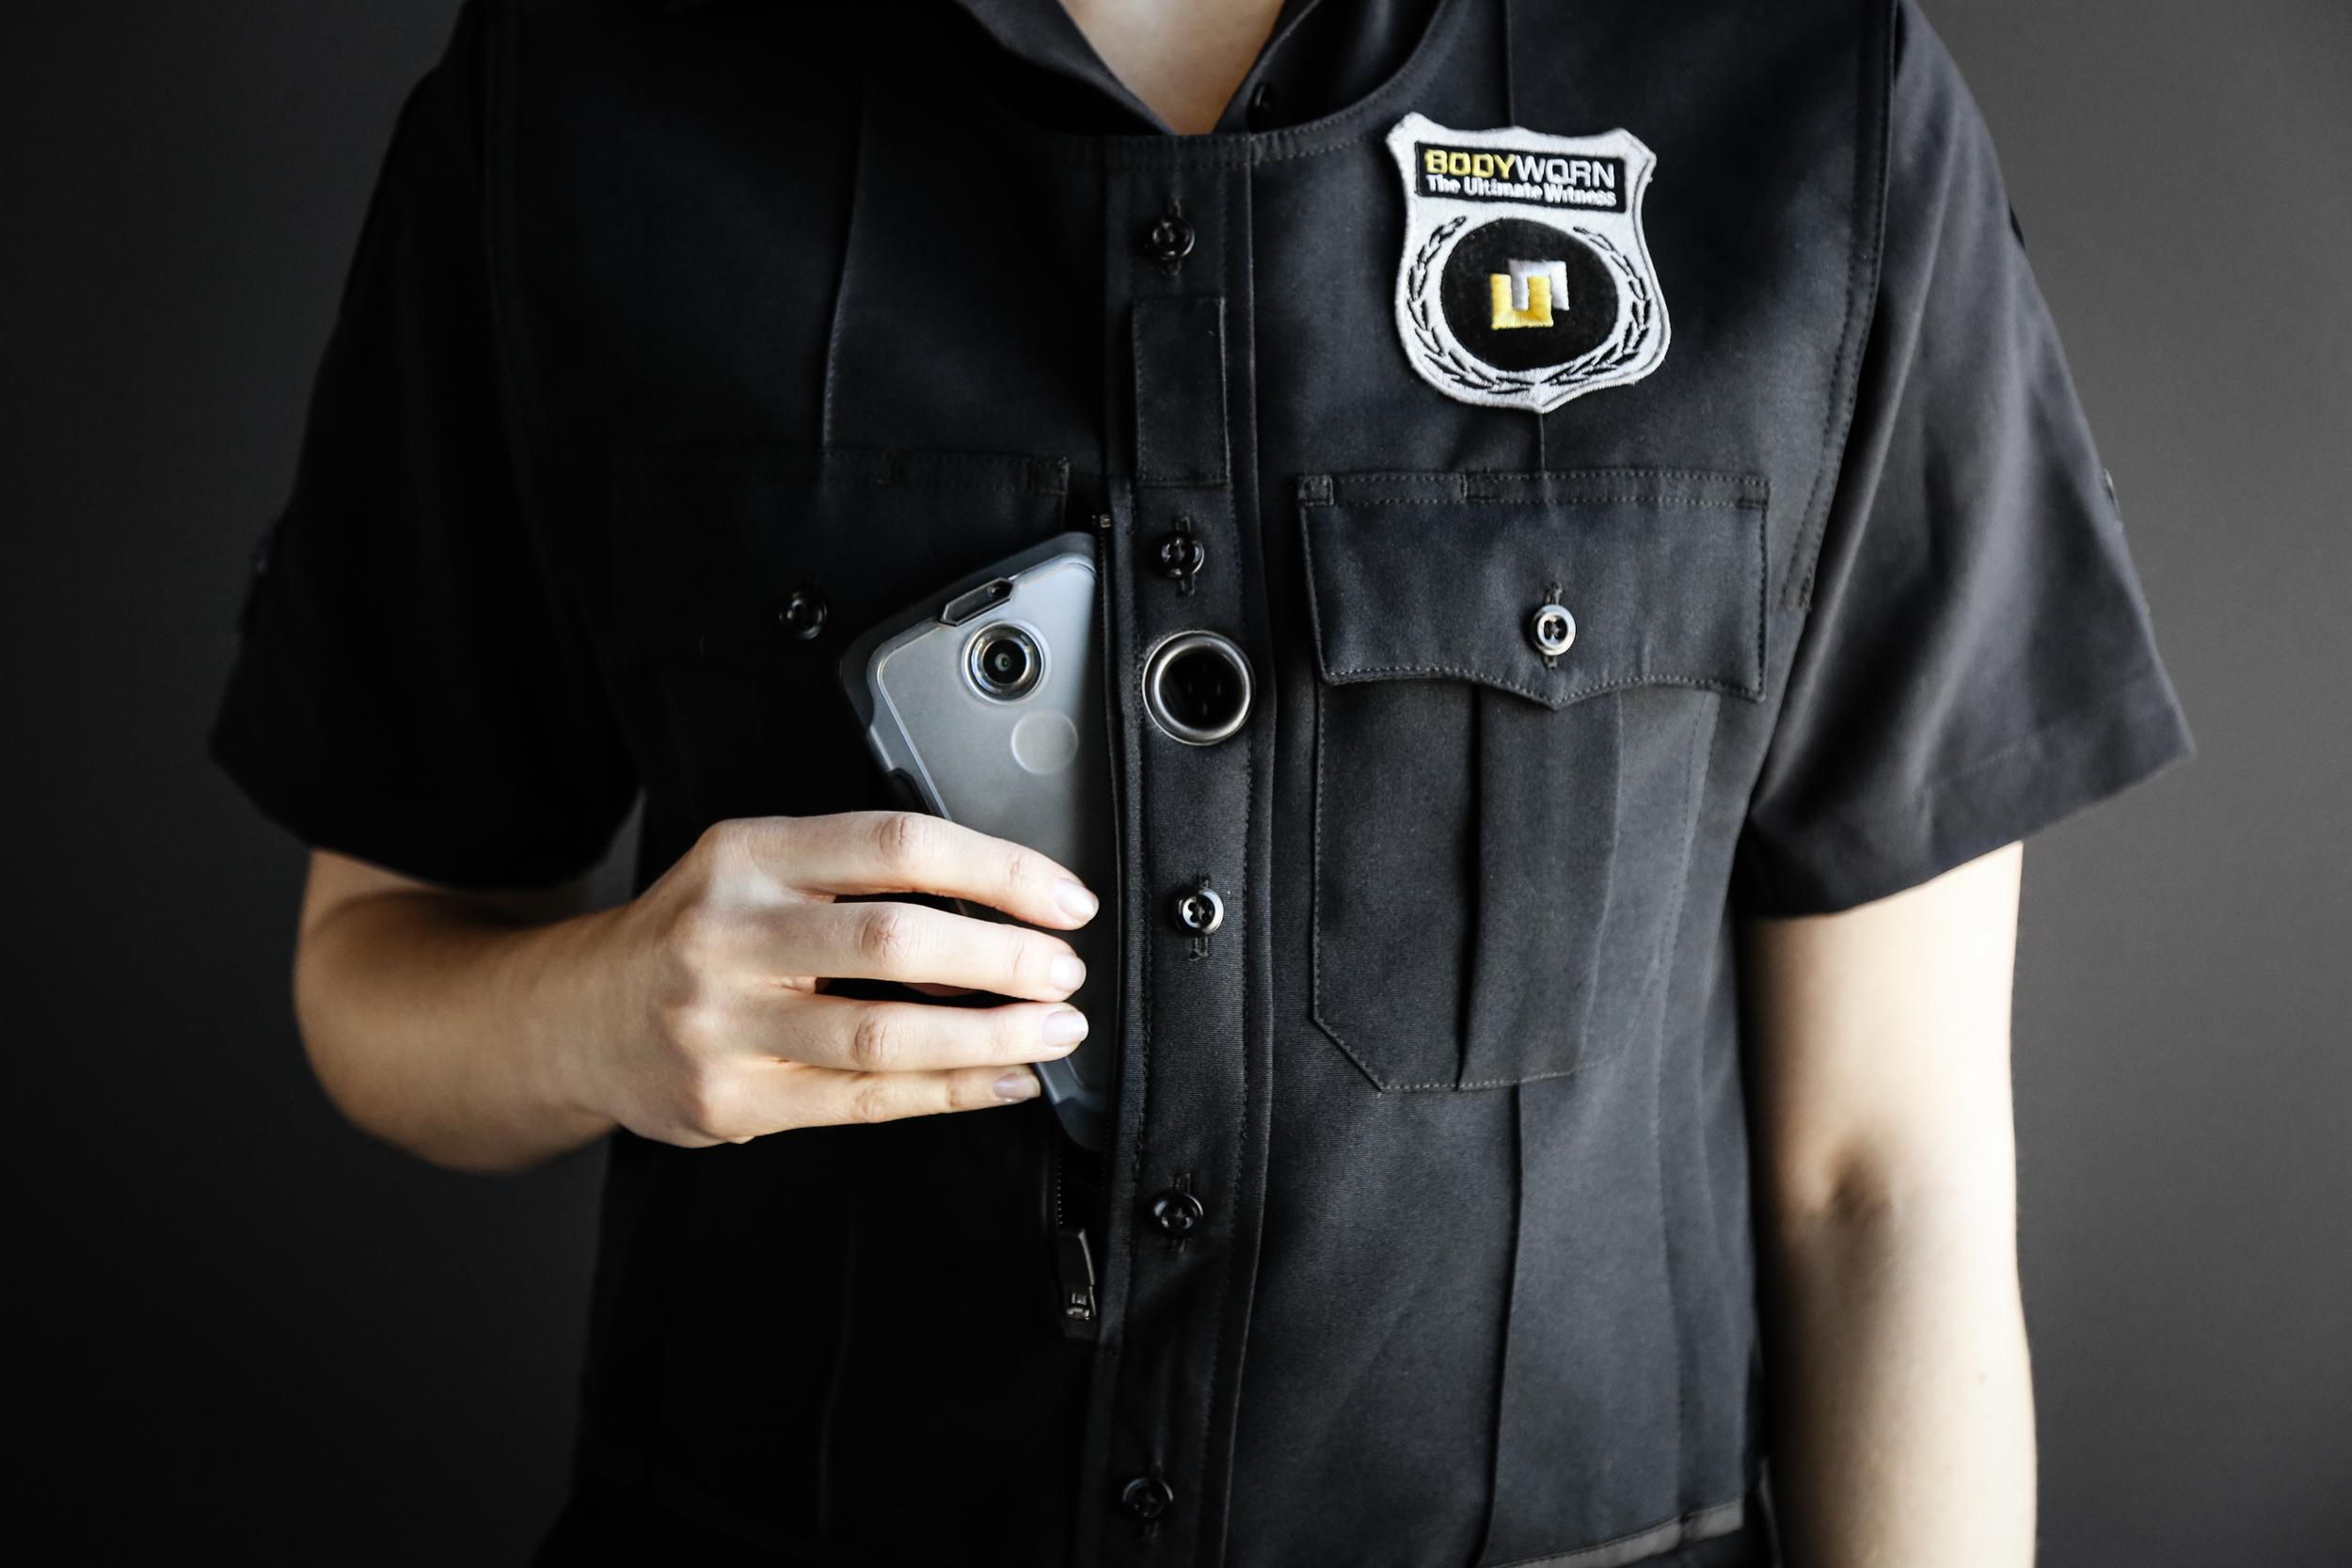 BodyWorn™ | Police Body Camera-How it works